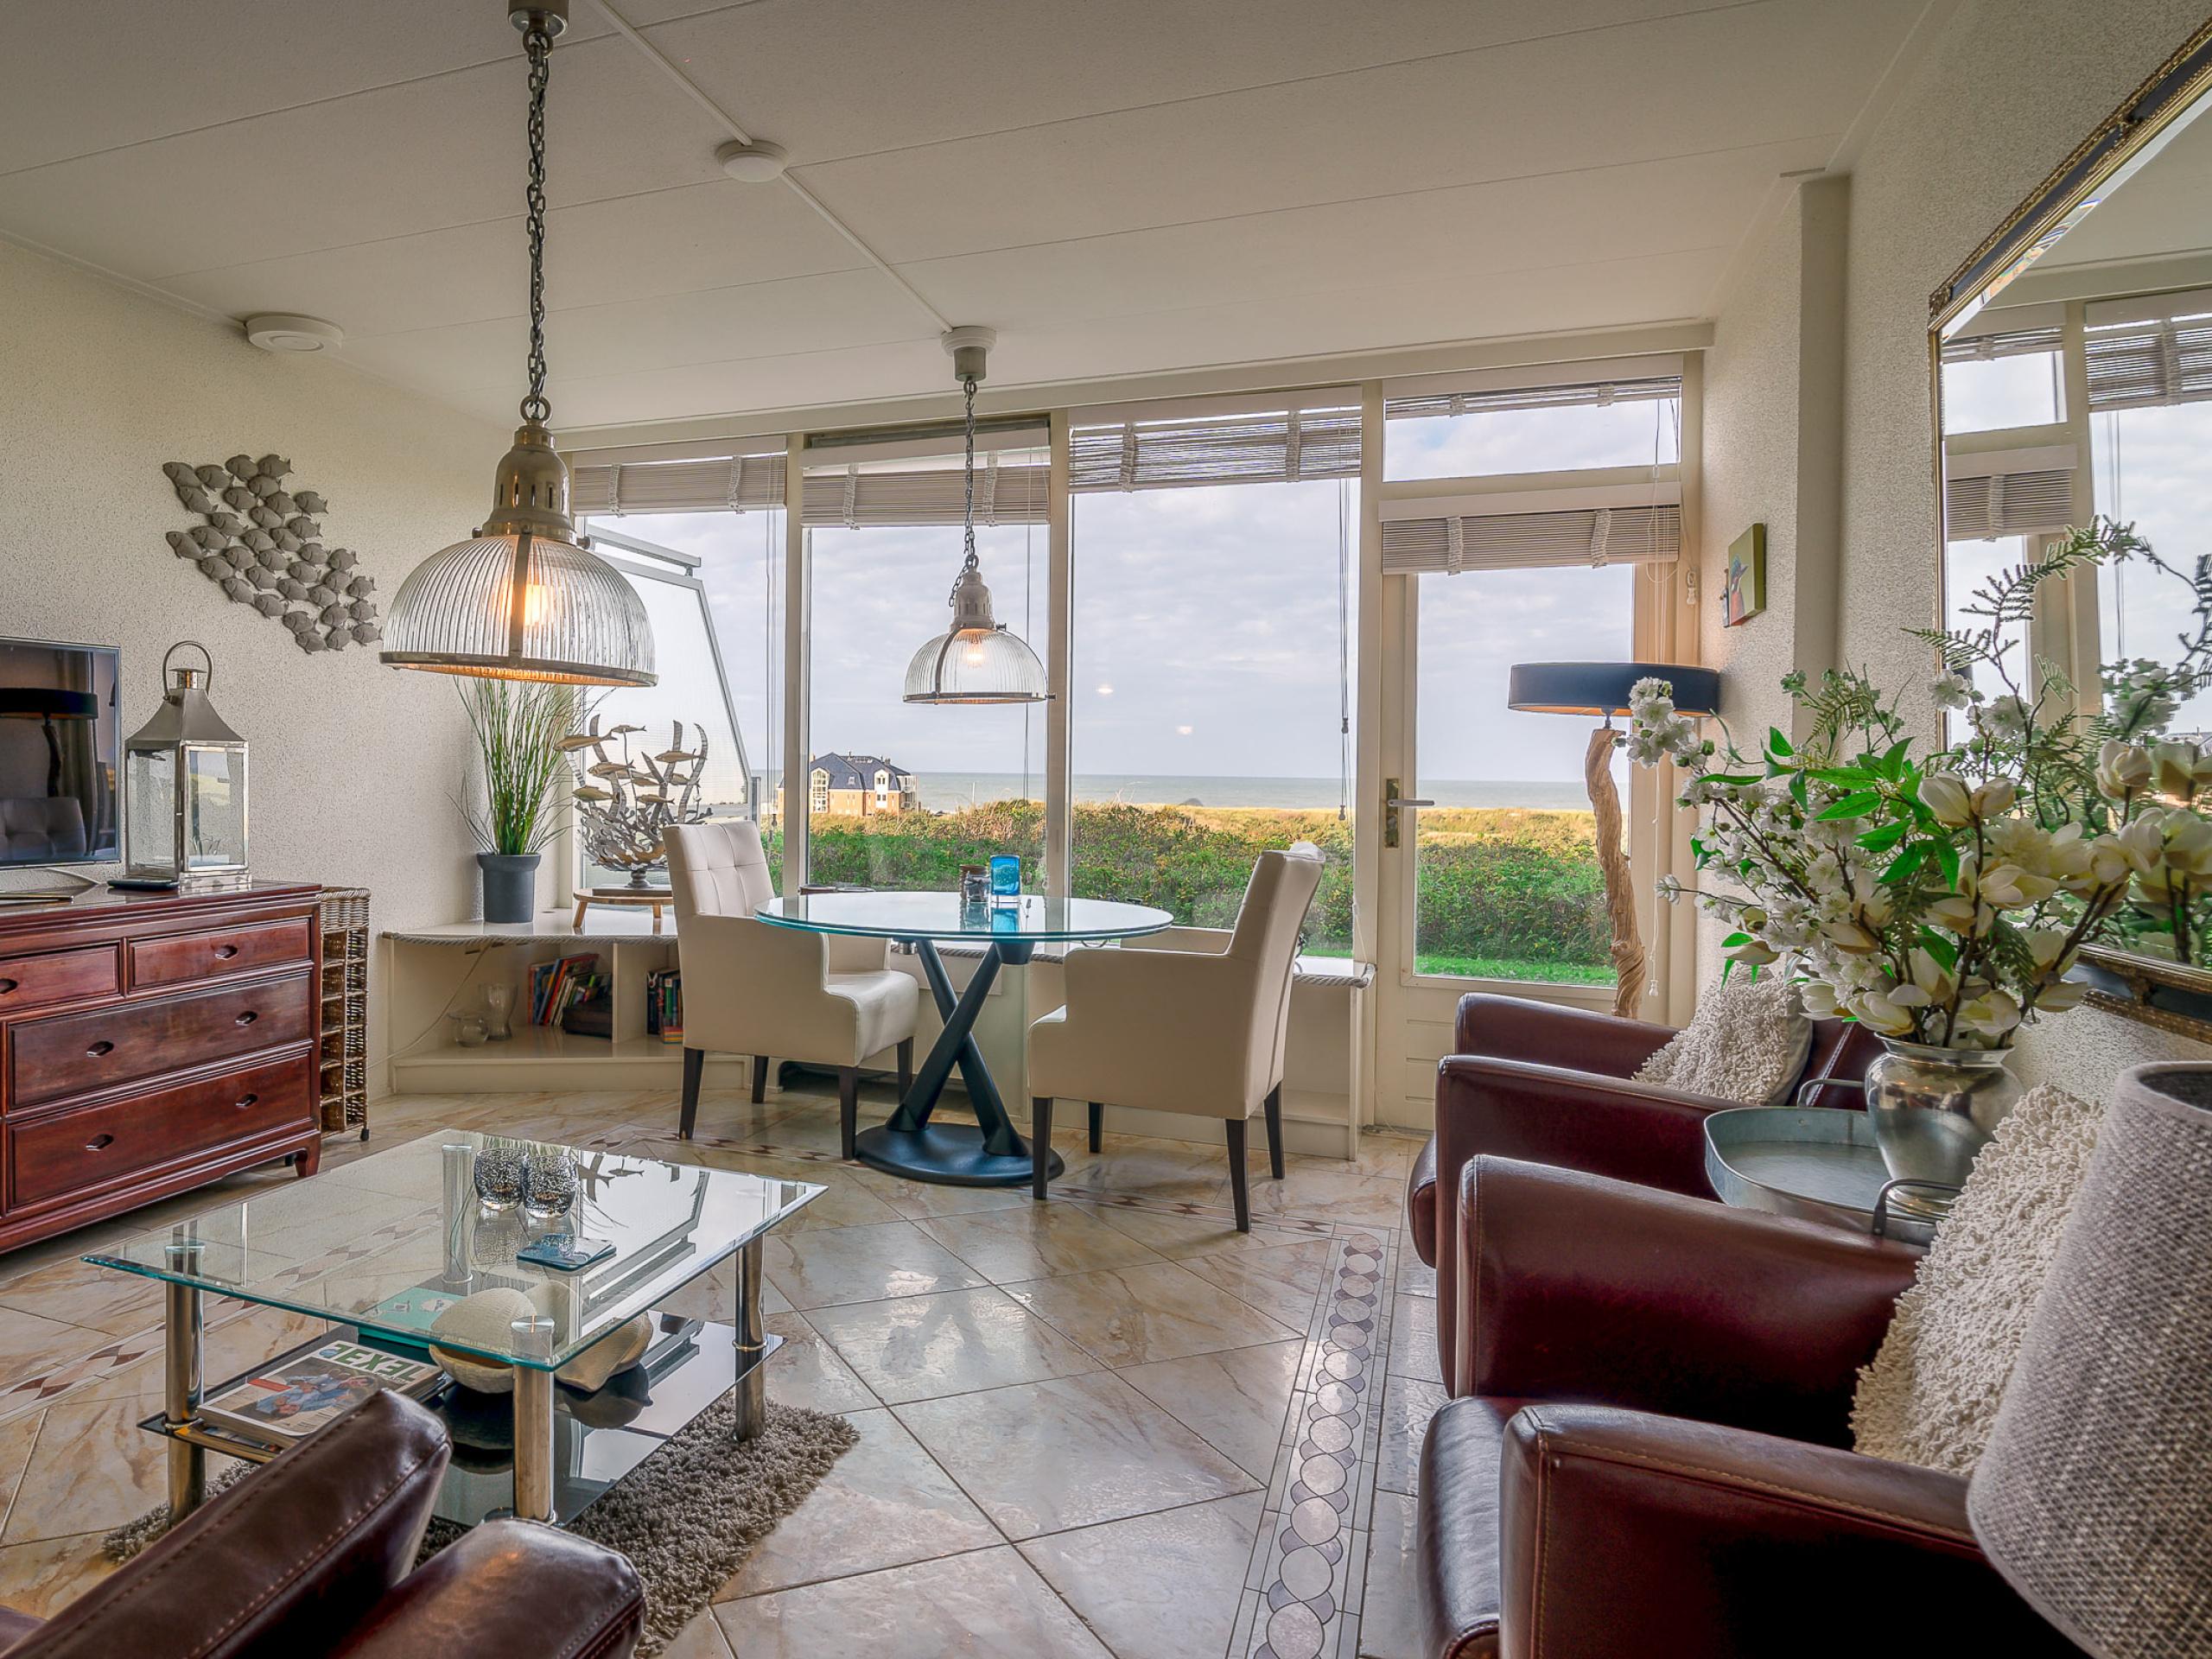 Wunderschönes Appartment am Nordseestrand mit Meerblick in De Koog